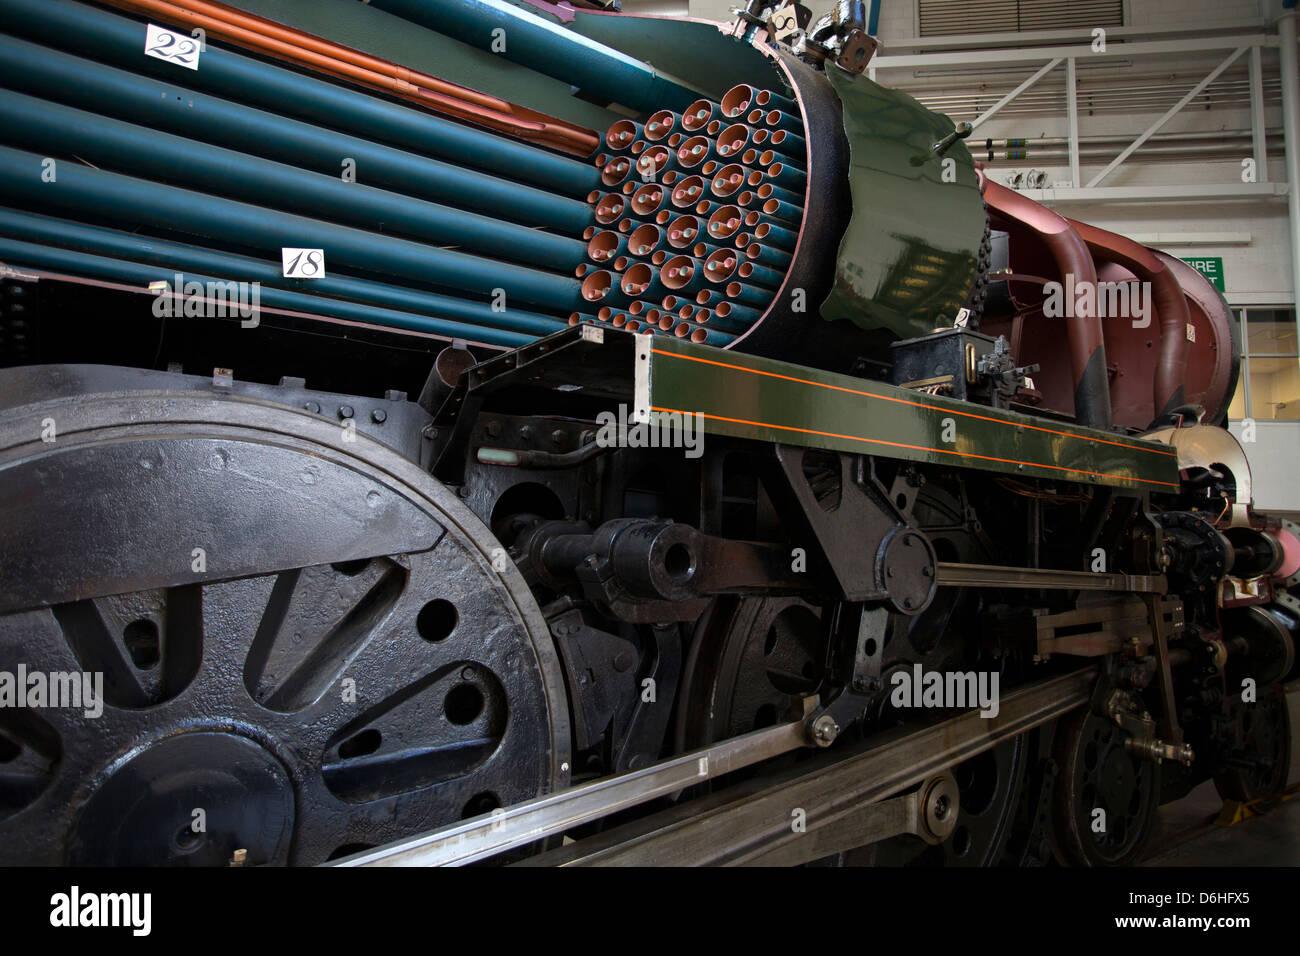 Steam Pipes Stockfotos & Steam Pipes Bilder - Alamy